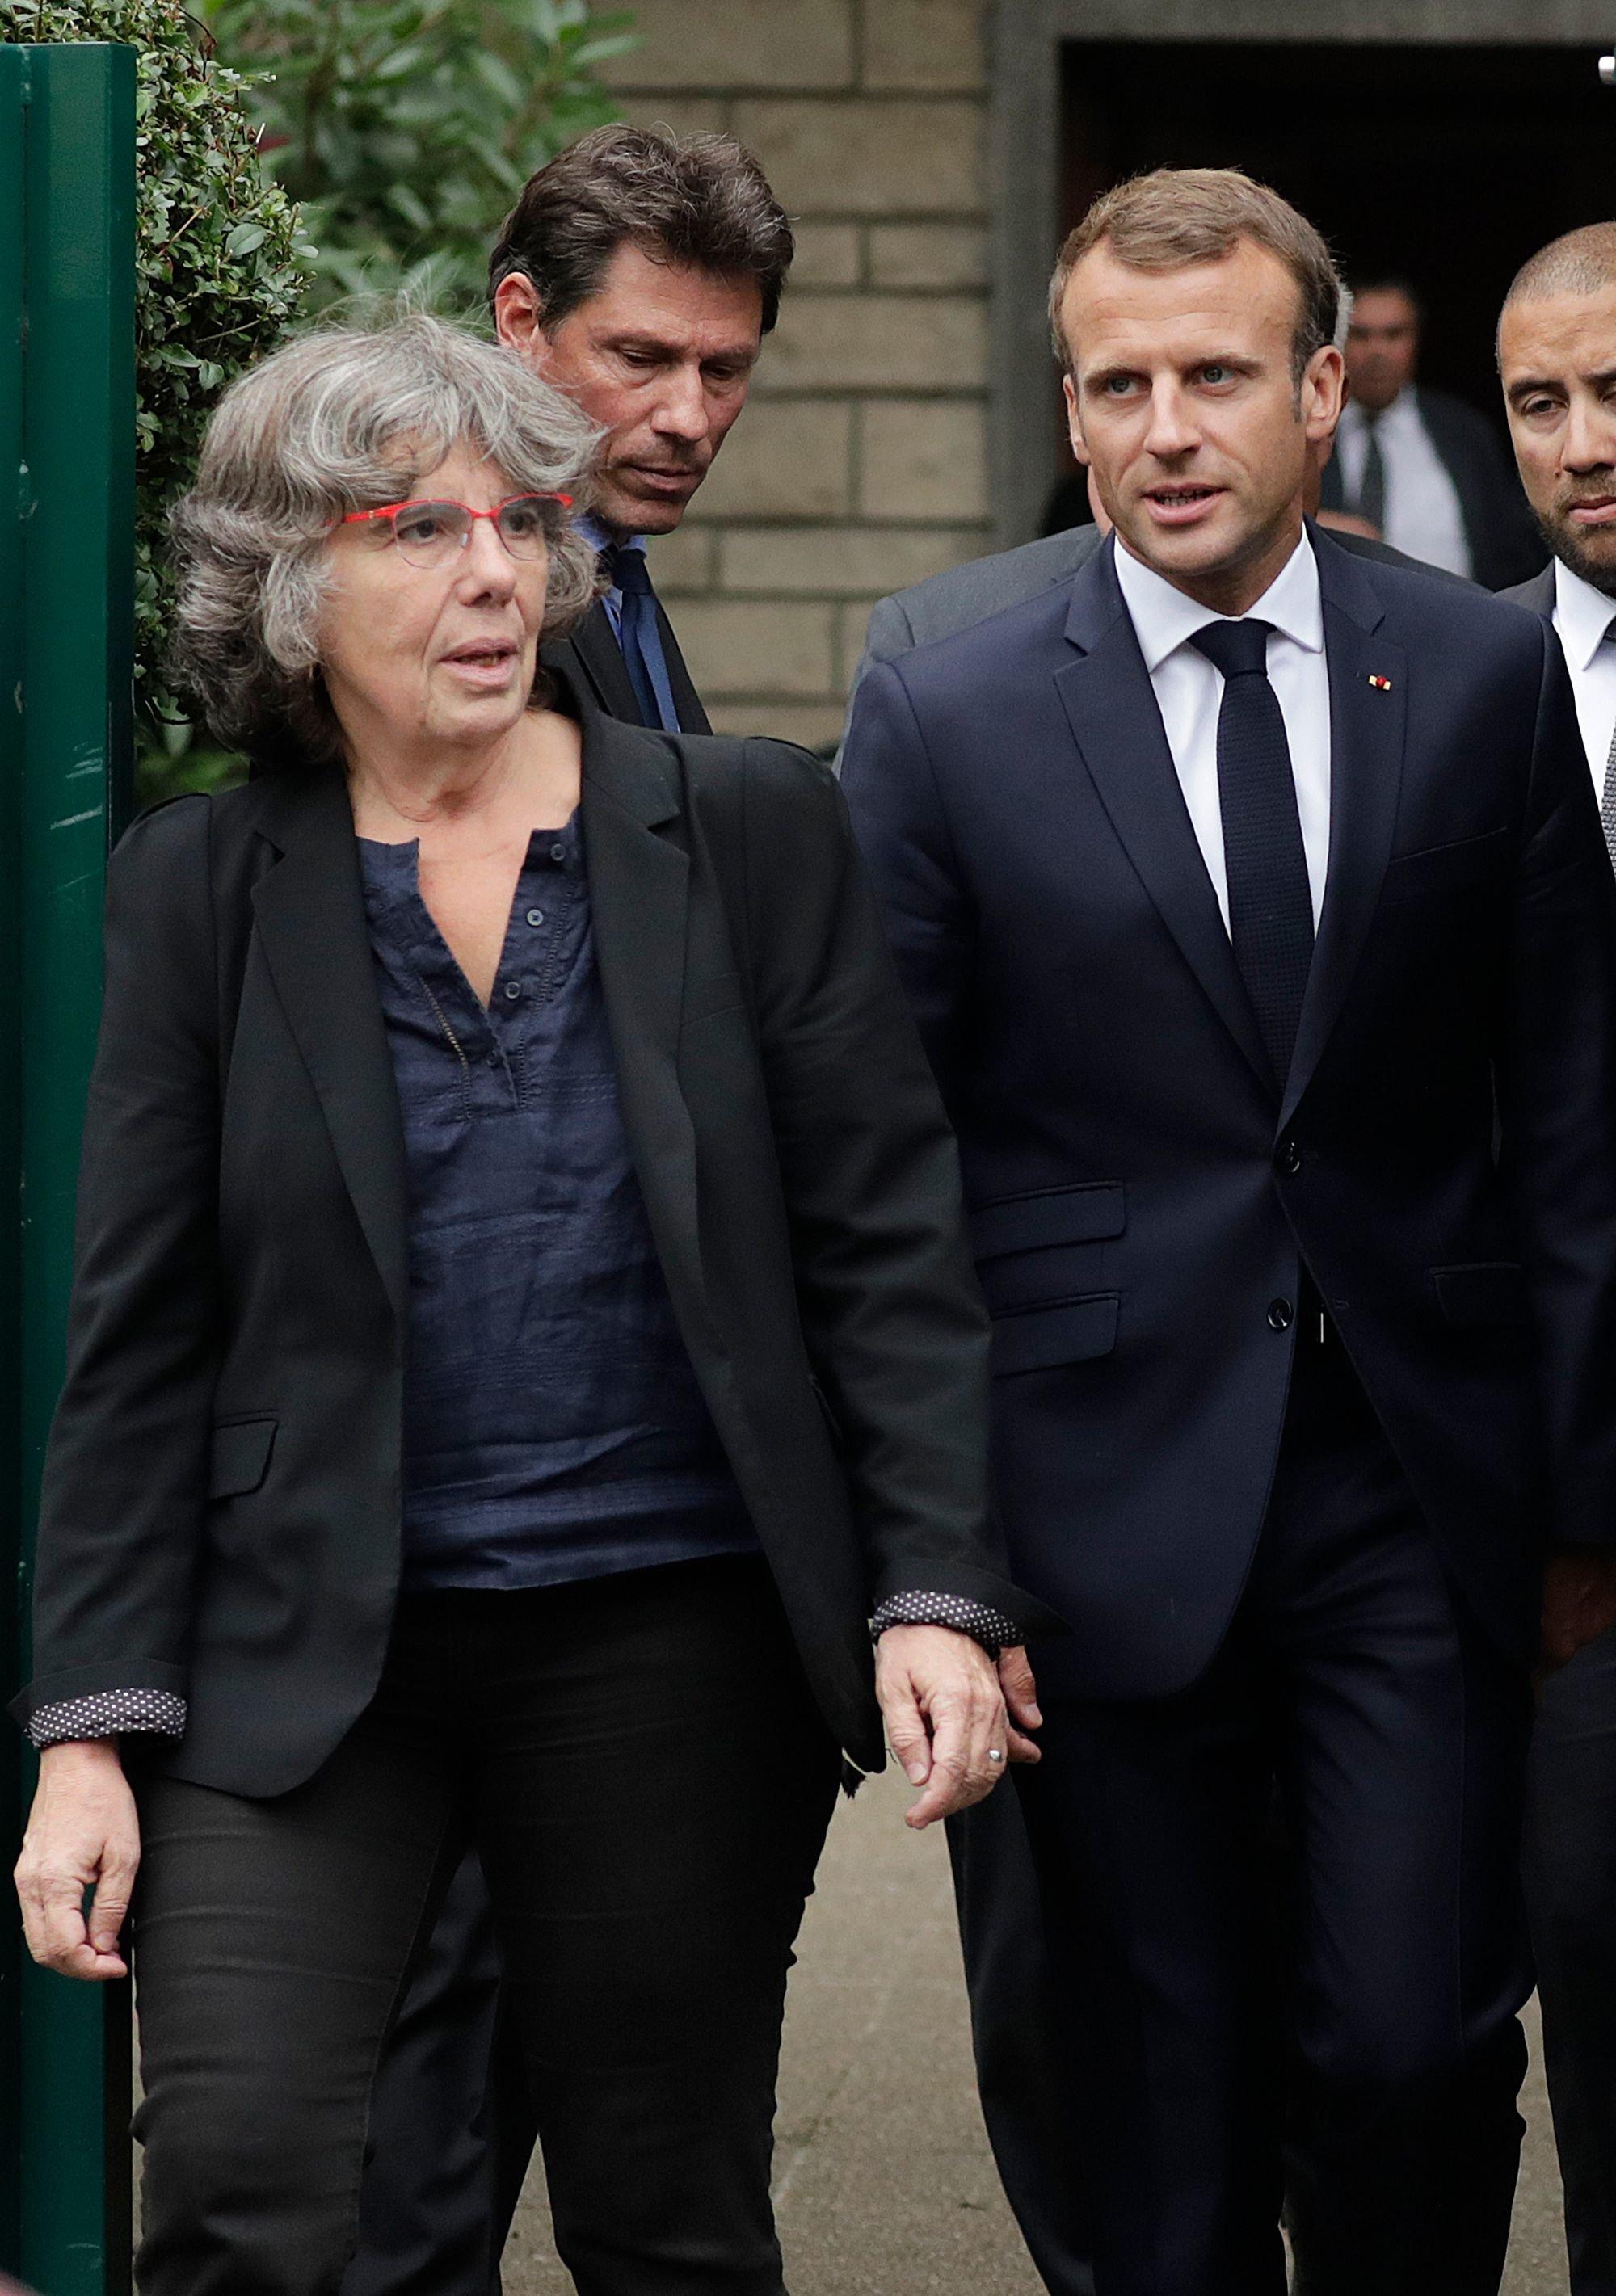 Macron: Maurice Audin